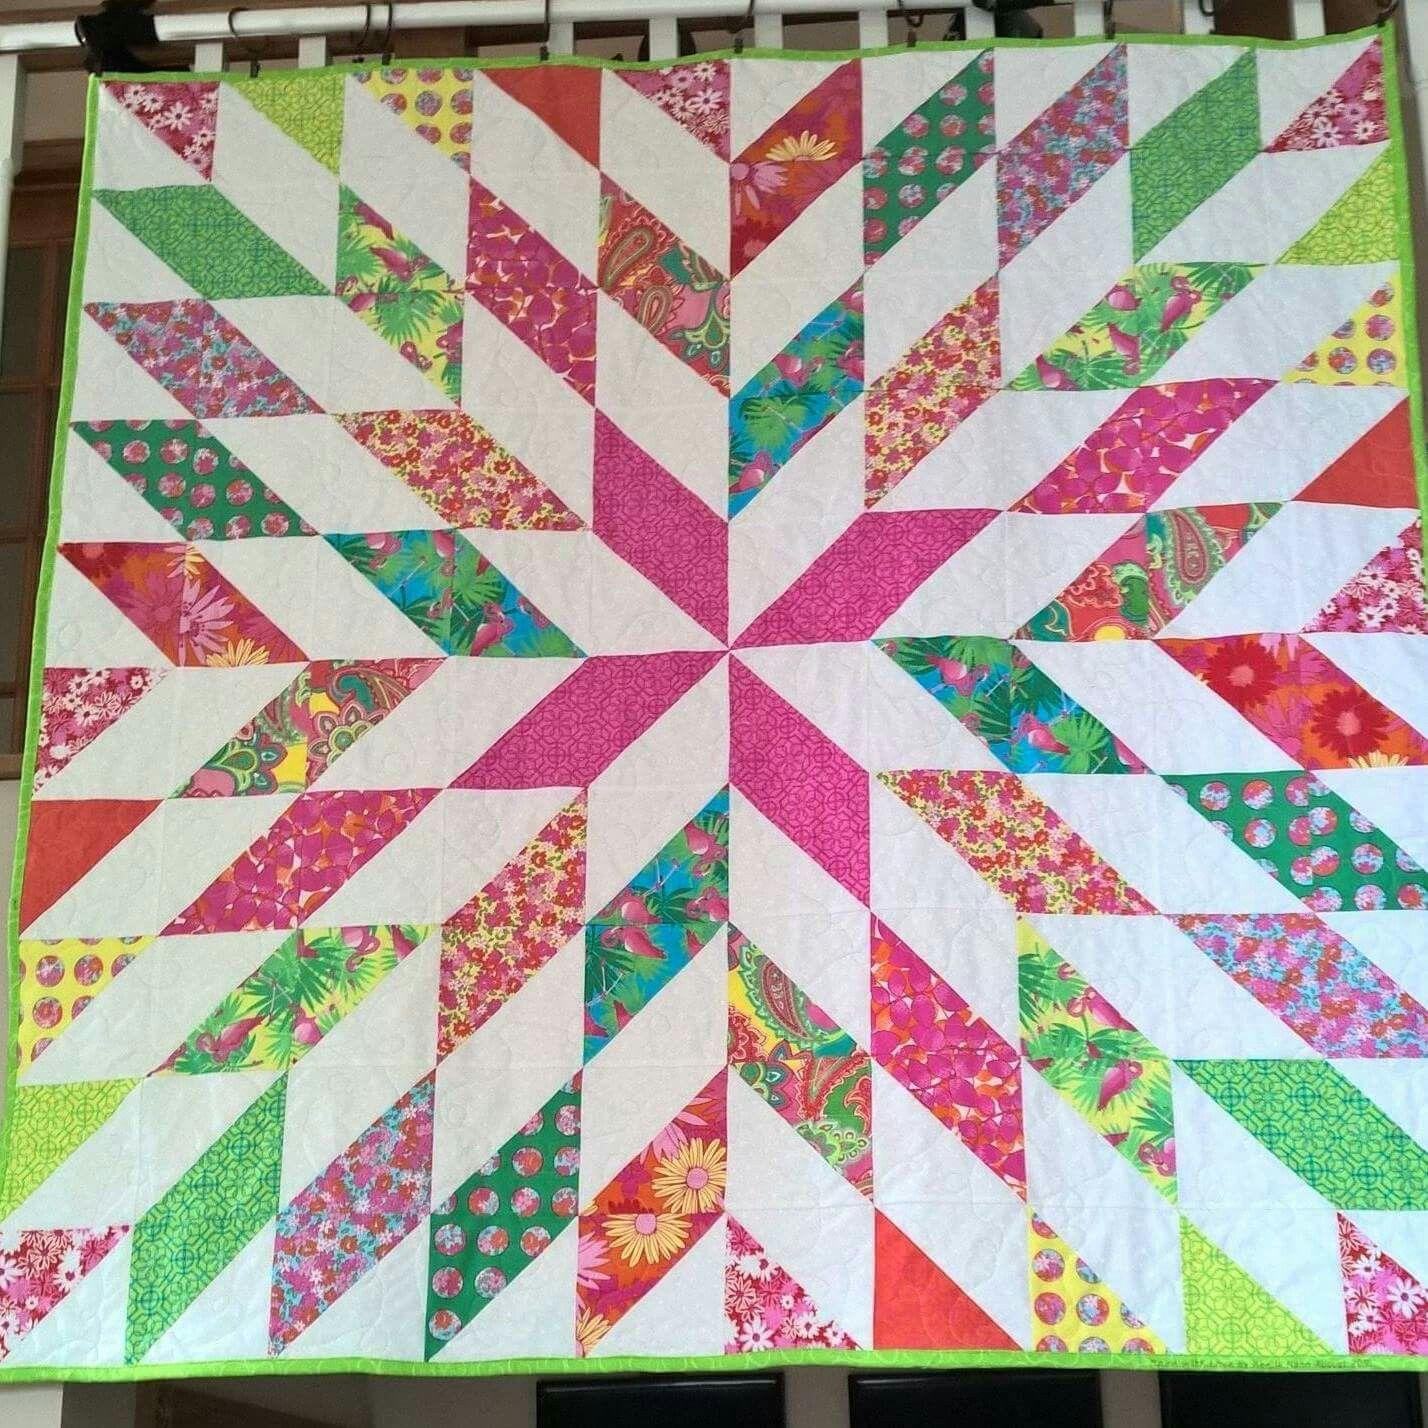 Starburst quilt Bahama Breeze fabric by Keelie Mann | Star quilts ... : starburst quilt - Adamdwight.com